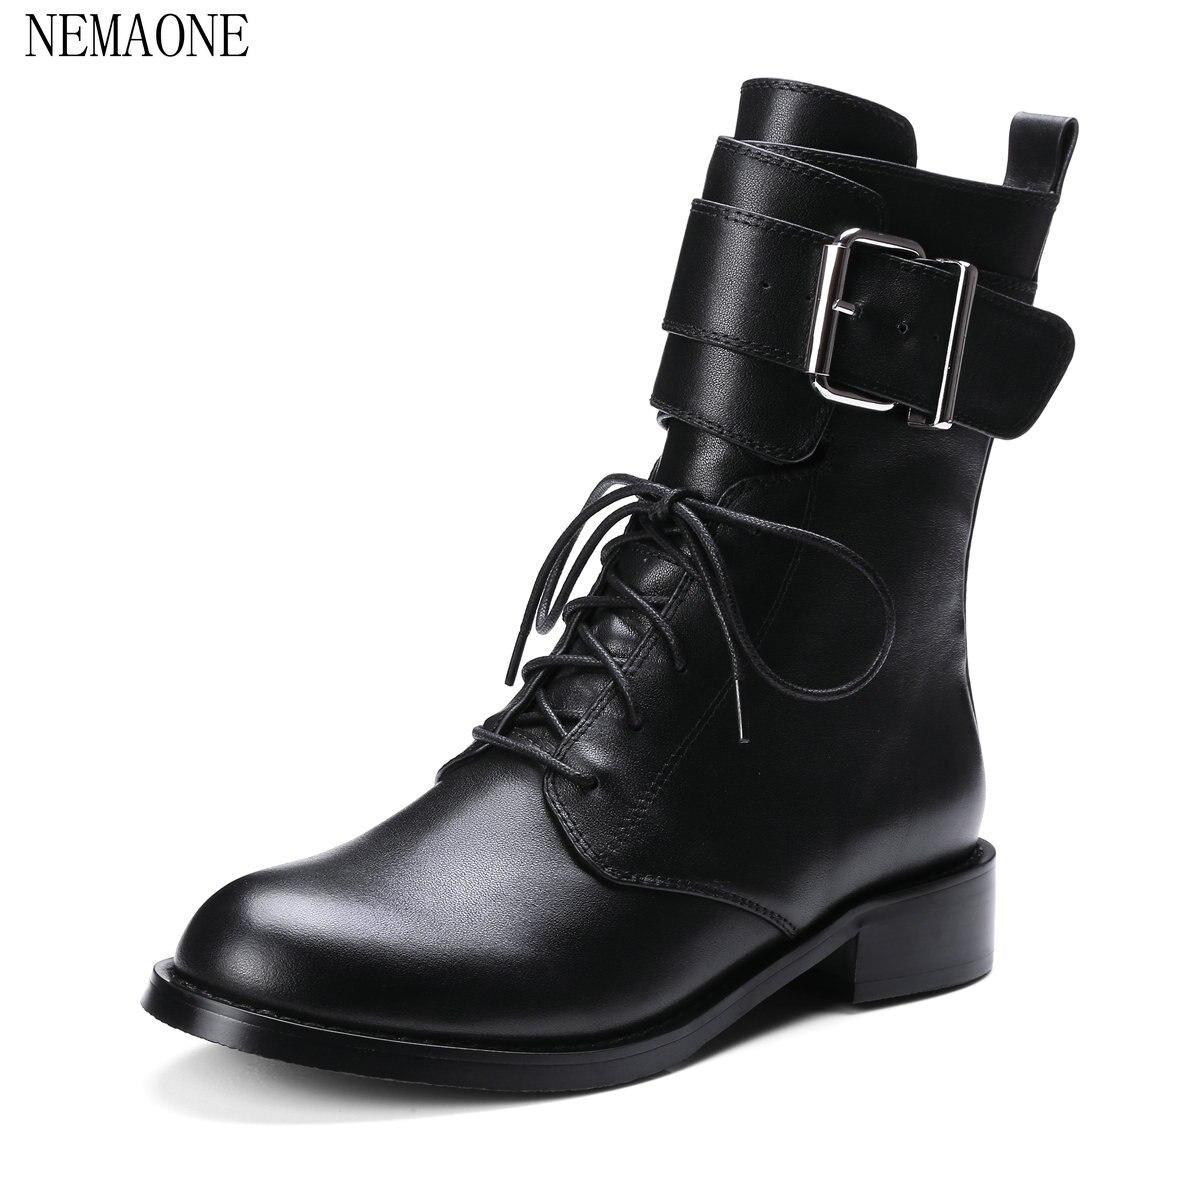 NEMAONE 2018 autumn new arrive women boots black genuine leather rivet ankle boots classic zipper boots big size 34-40